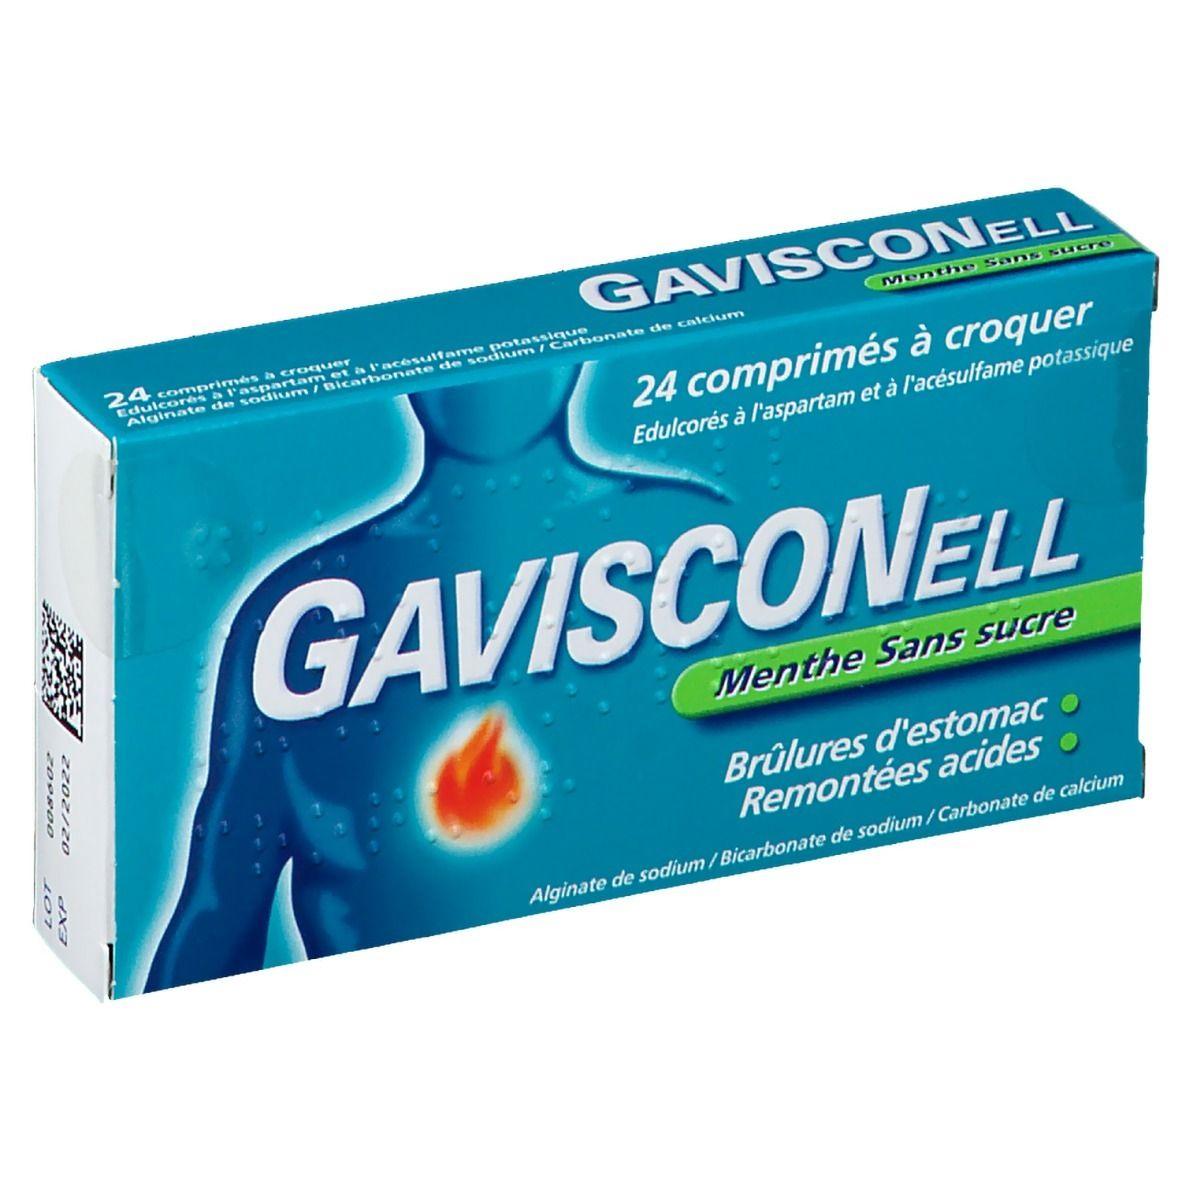 Gavisconell® Menthe sans sucre pc(s) comprimé(s) à croquer